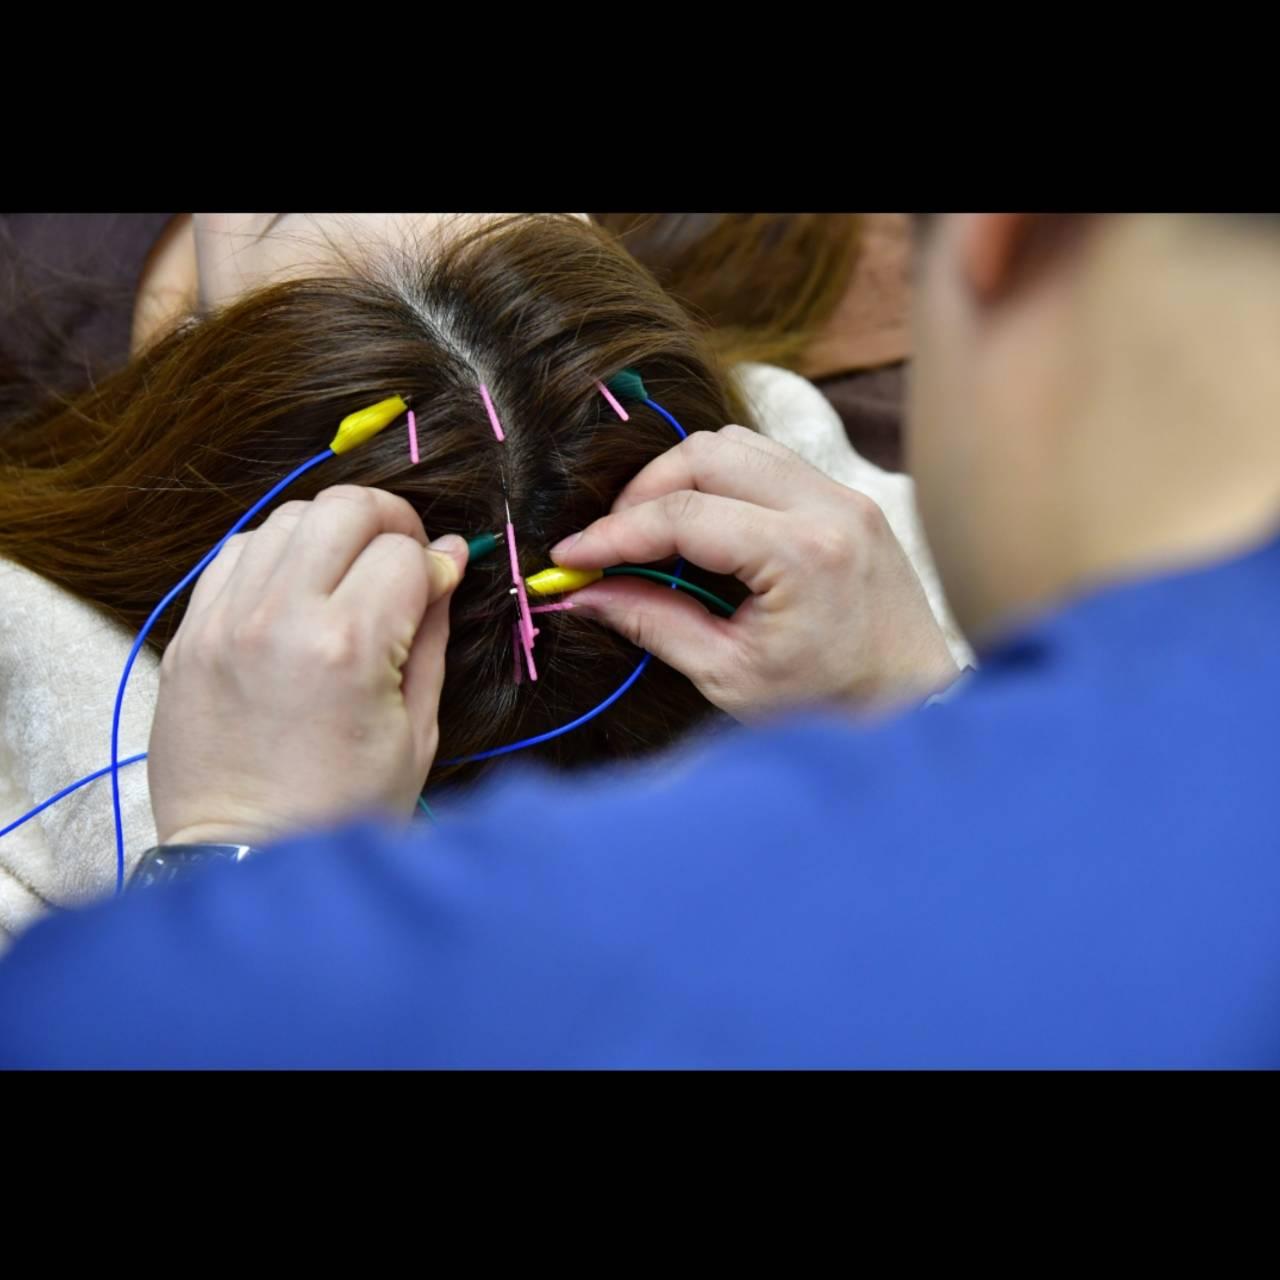 頭皮に鍼を刺し脳への刺激で根治を:イメージ